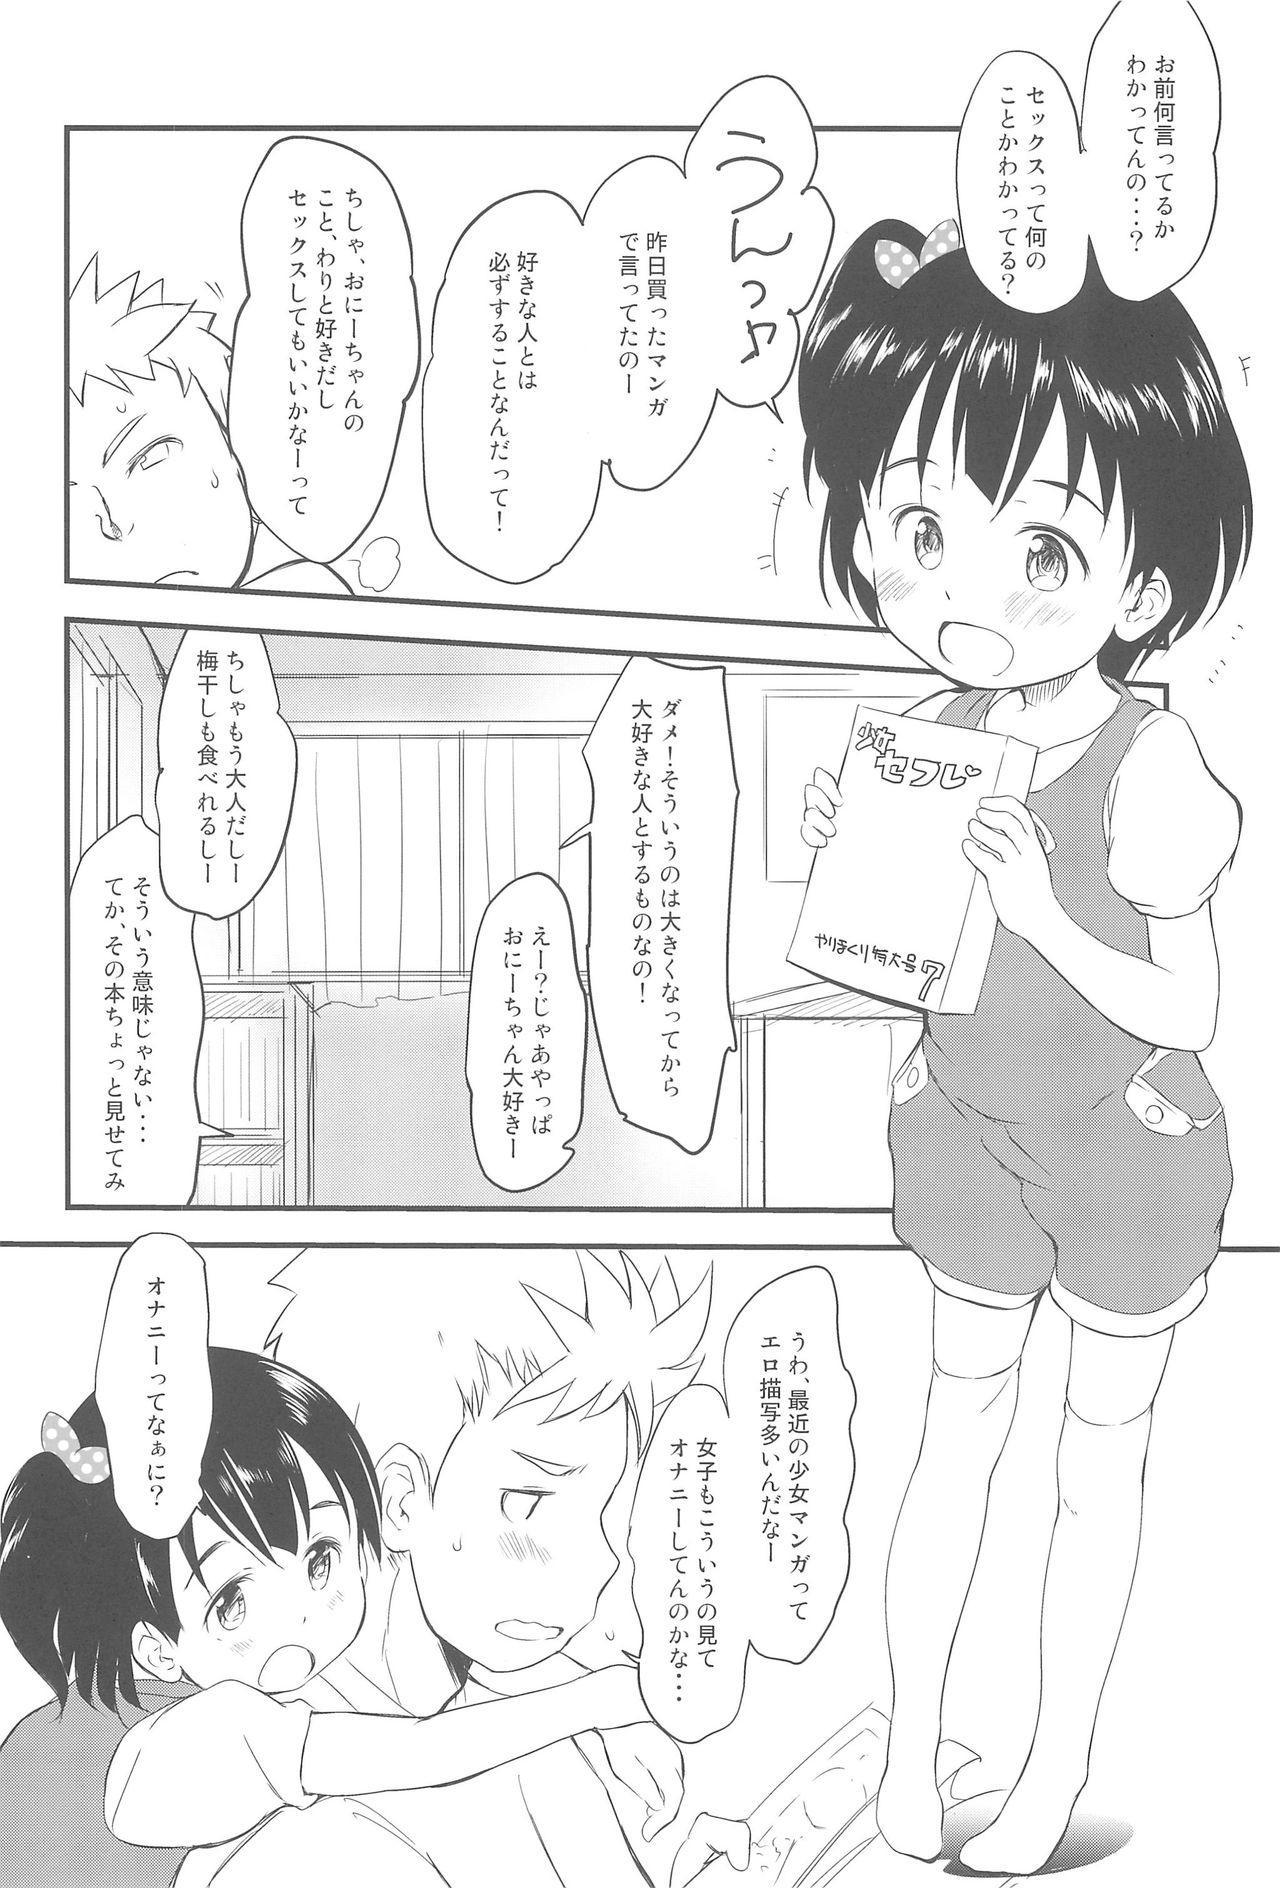 Imouto wa Minna Onii-chan ga Suki! 5 5